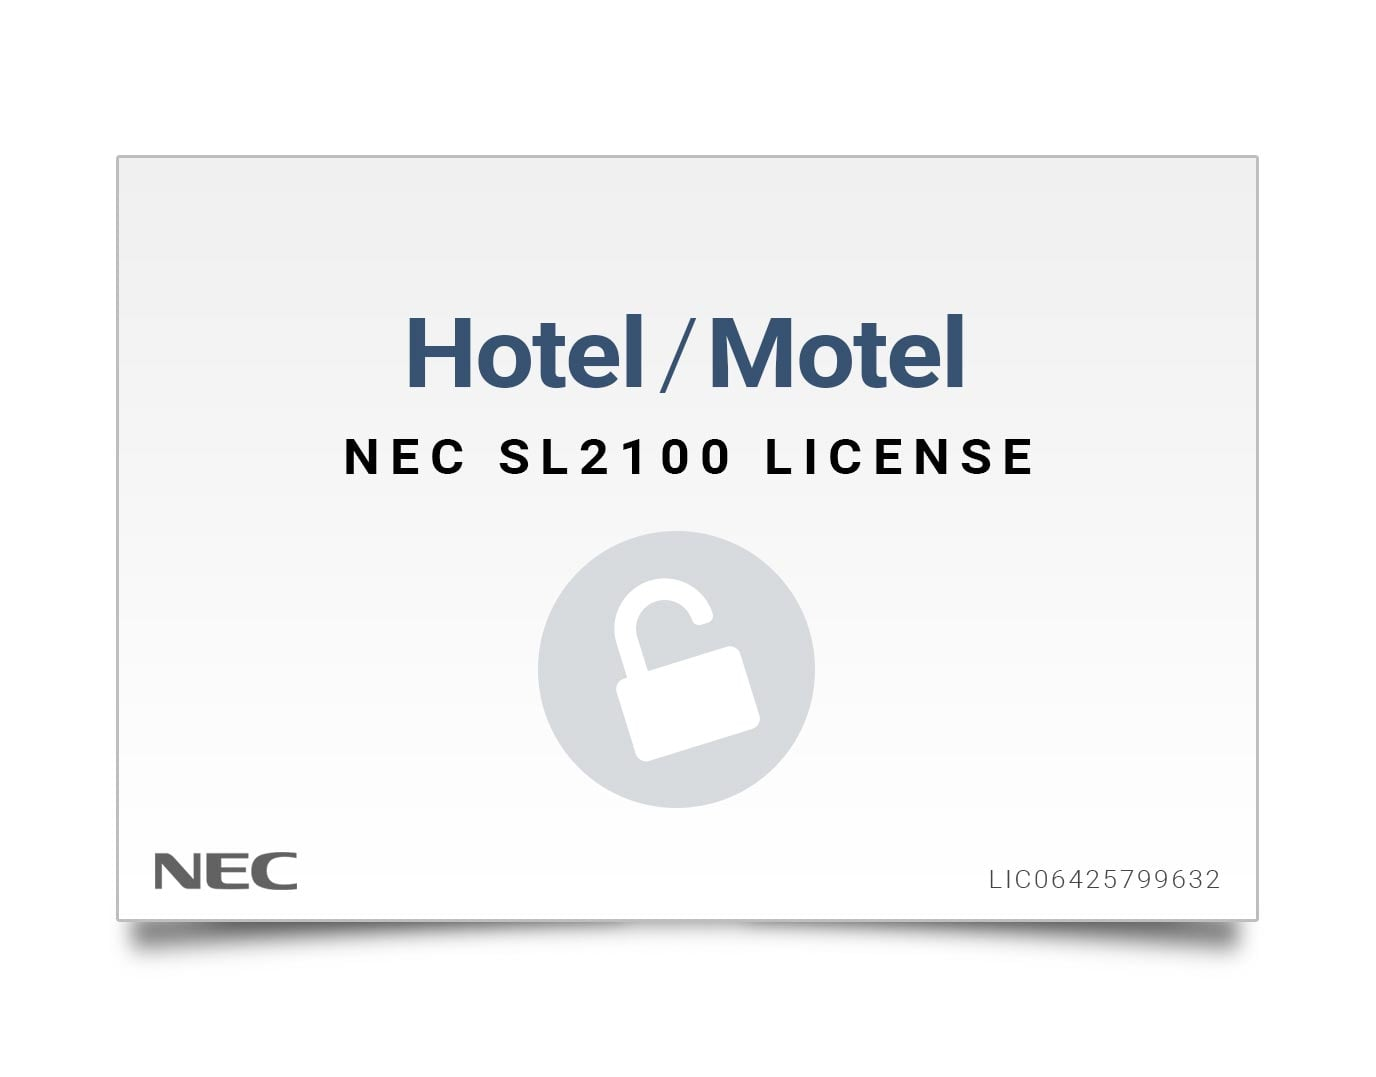 NEC SL2100 Licenses